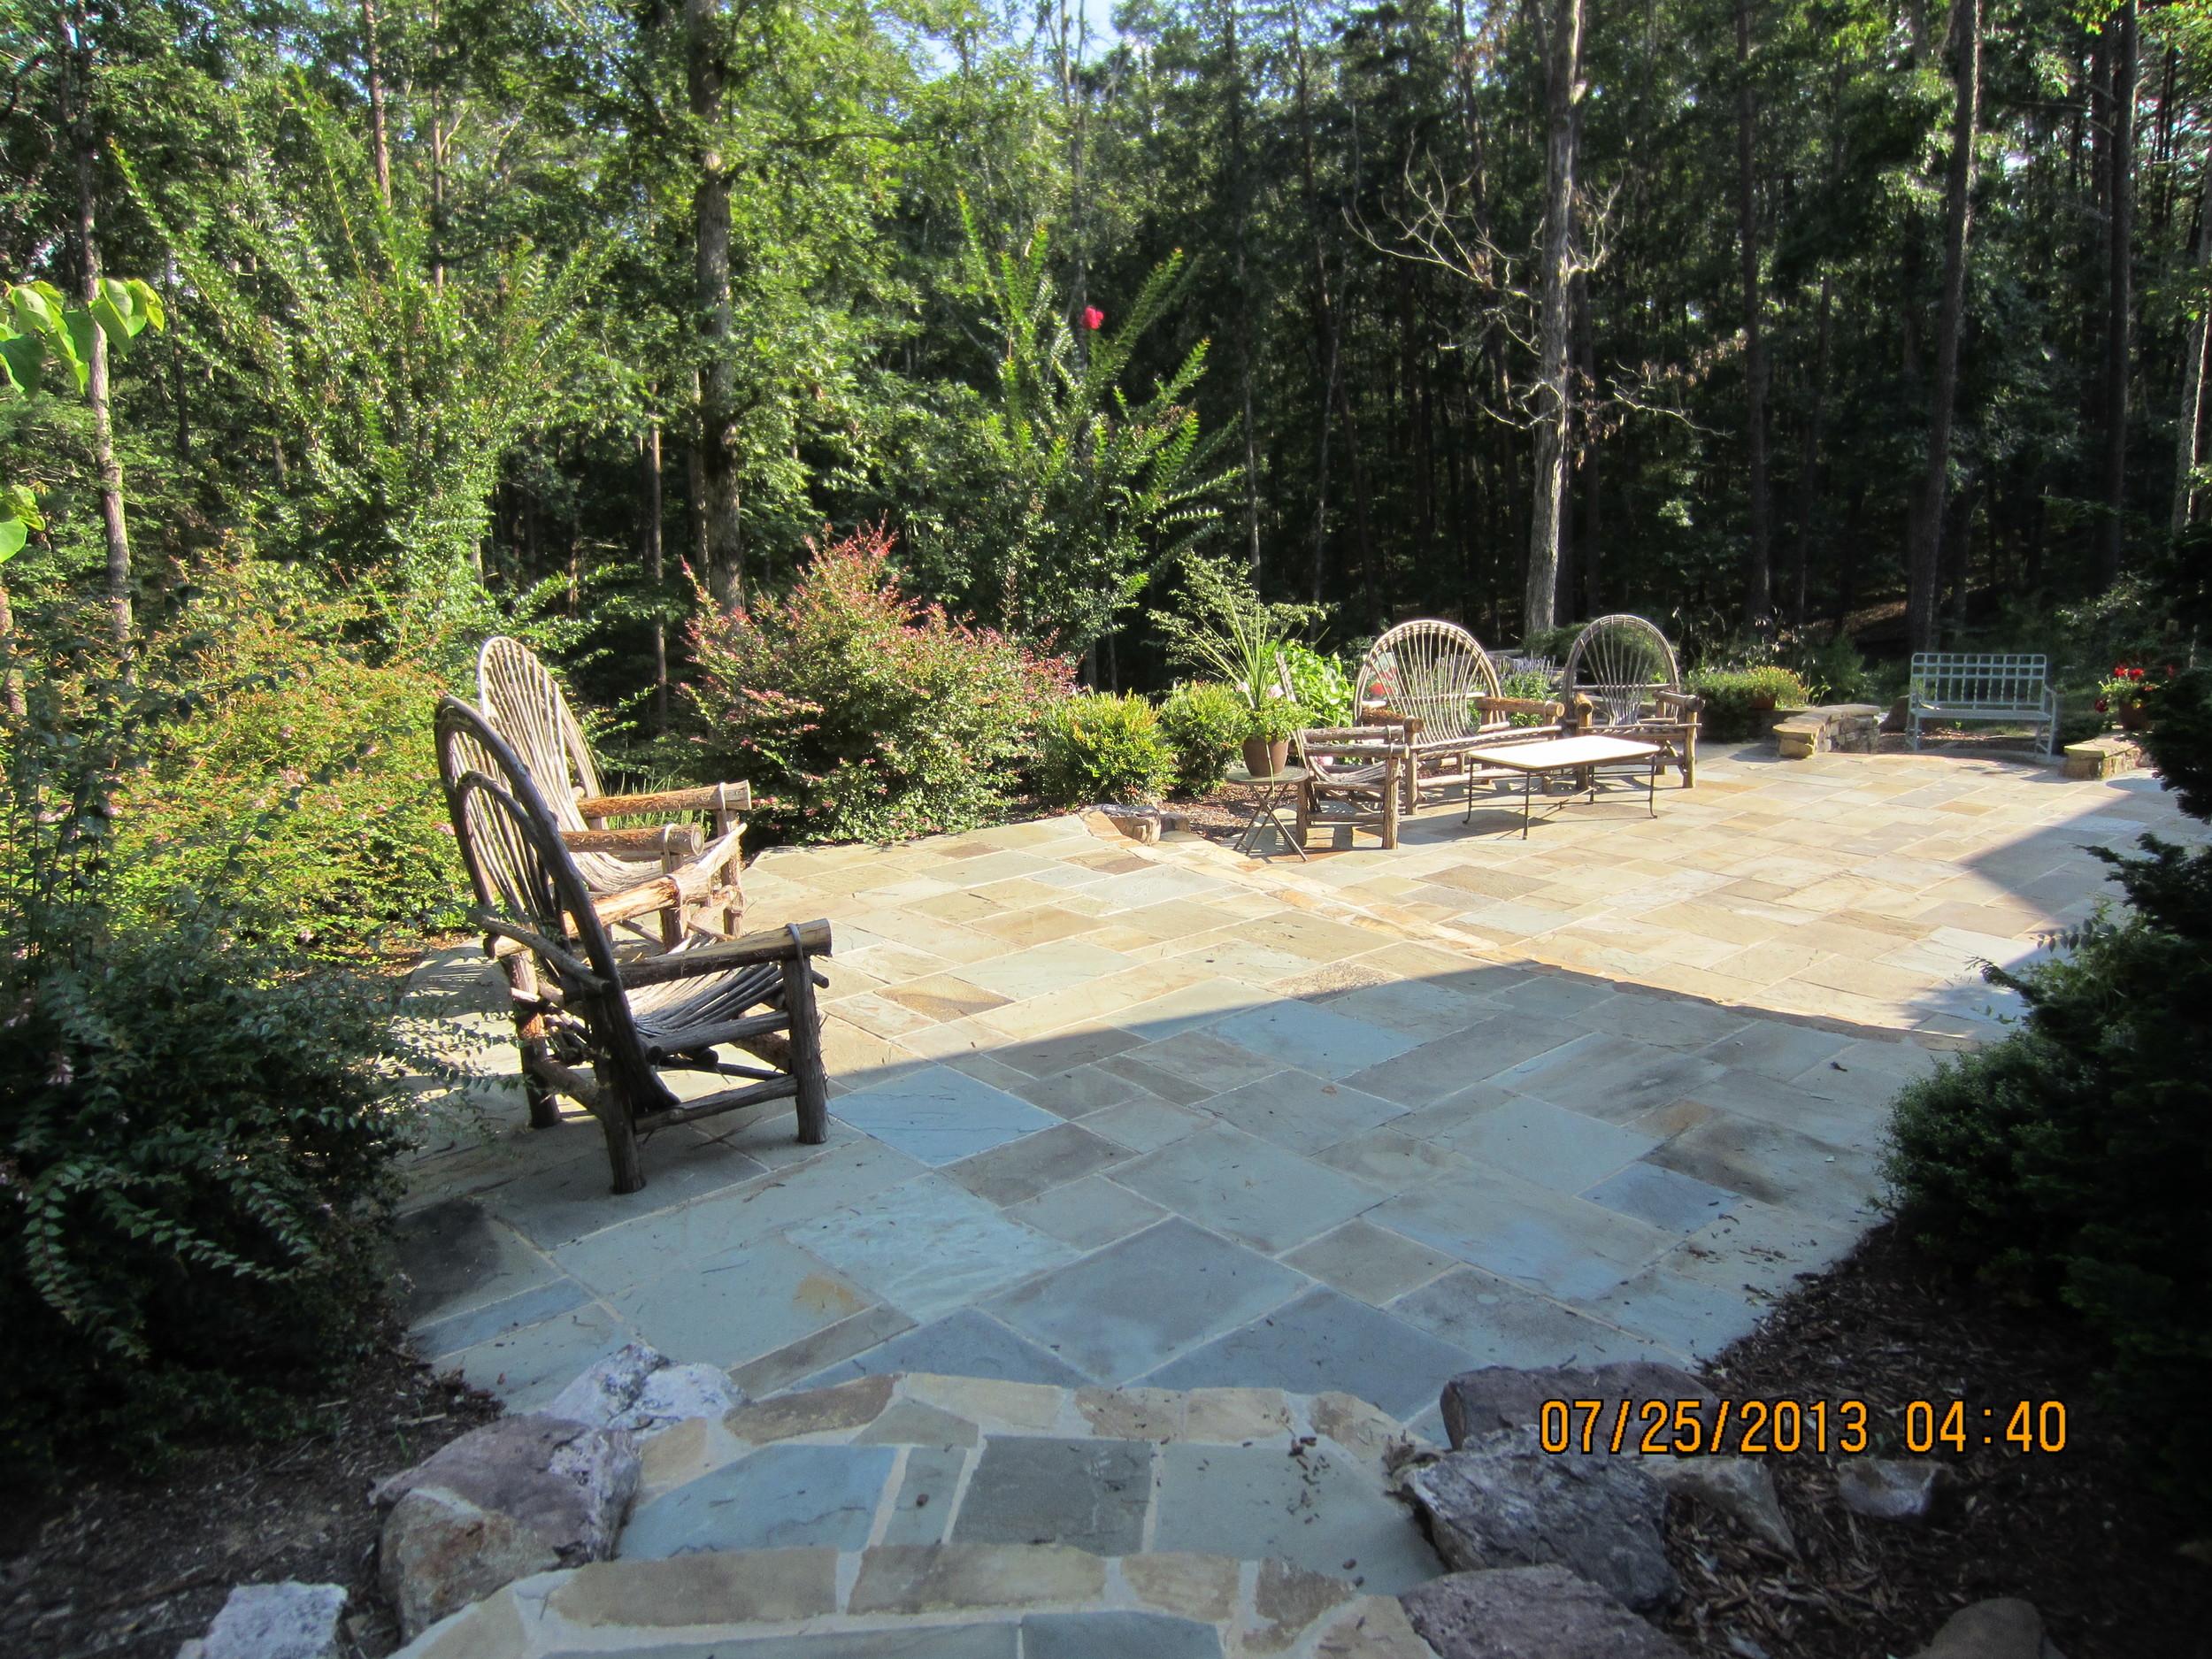 Water Garden Designs by Tharpe - Patios 008.JPG